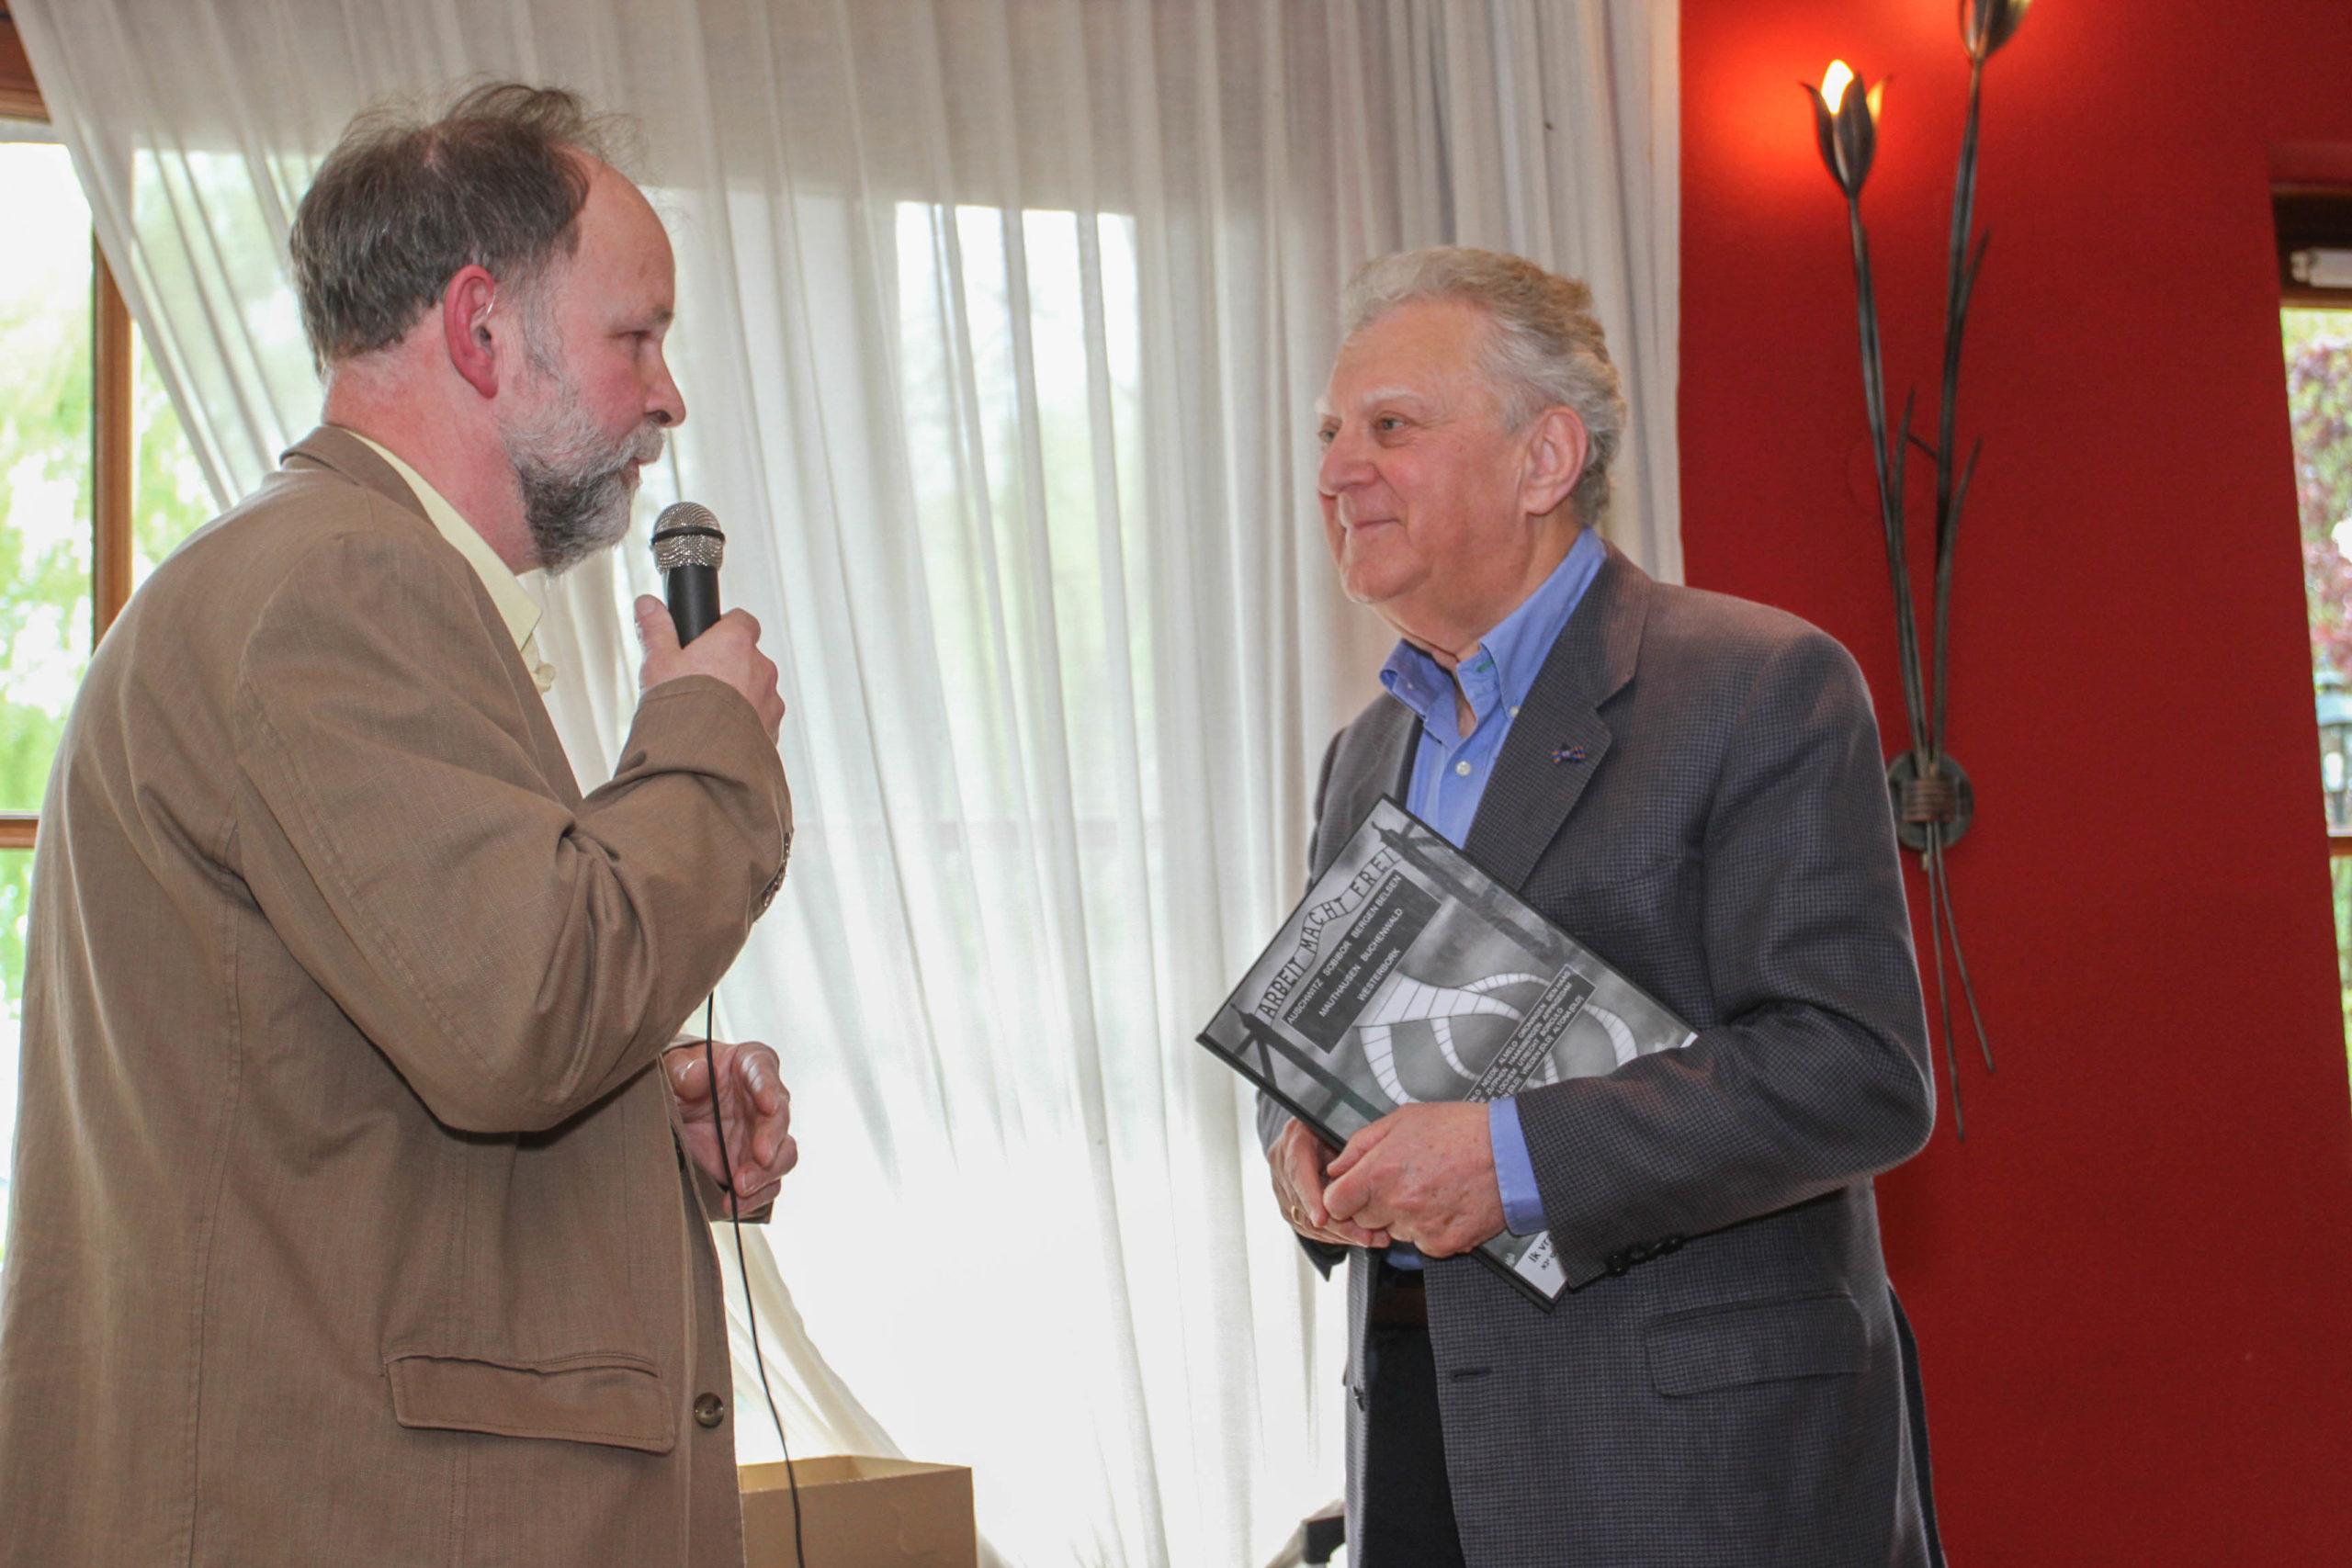 Prof. Heertje in 2014